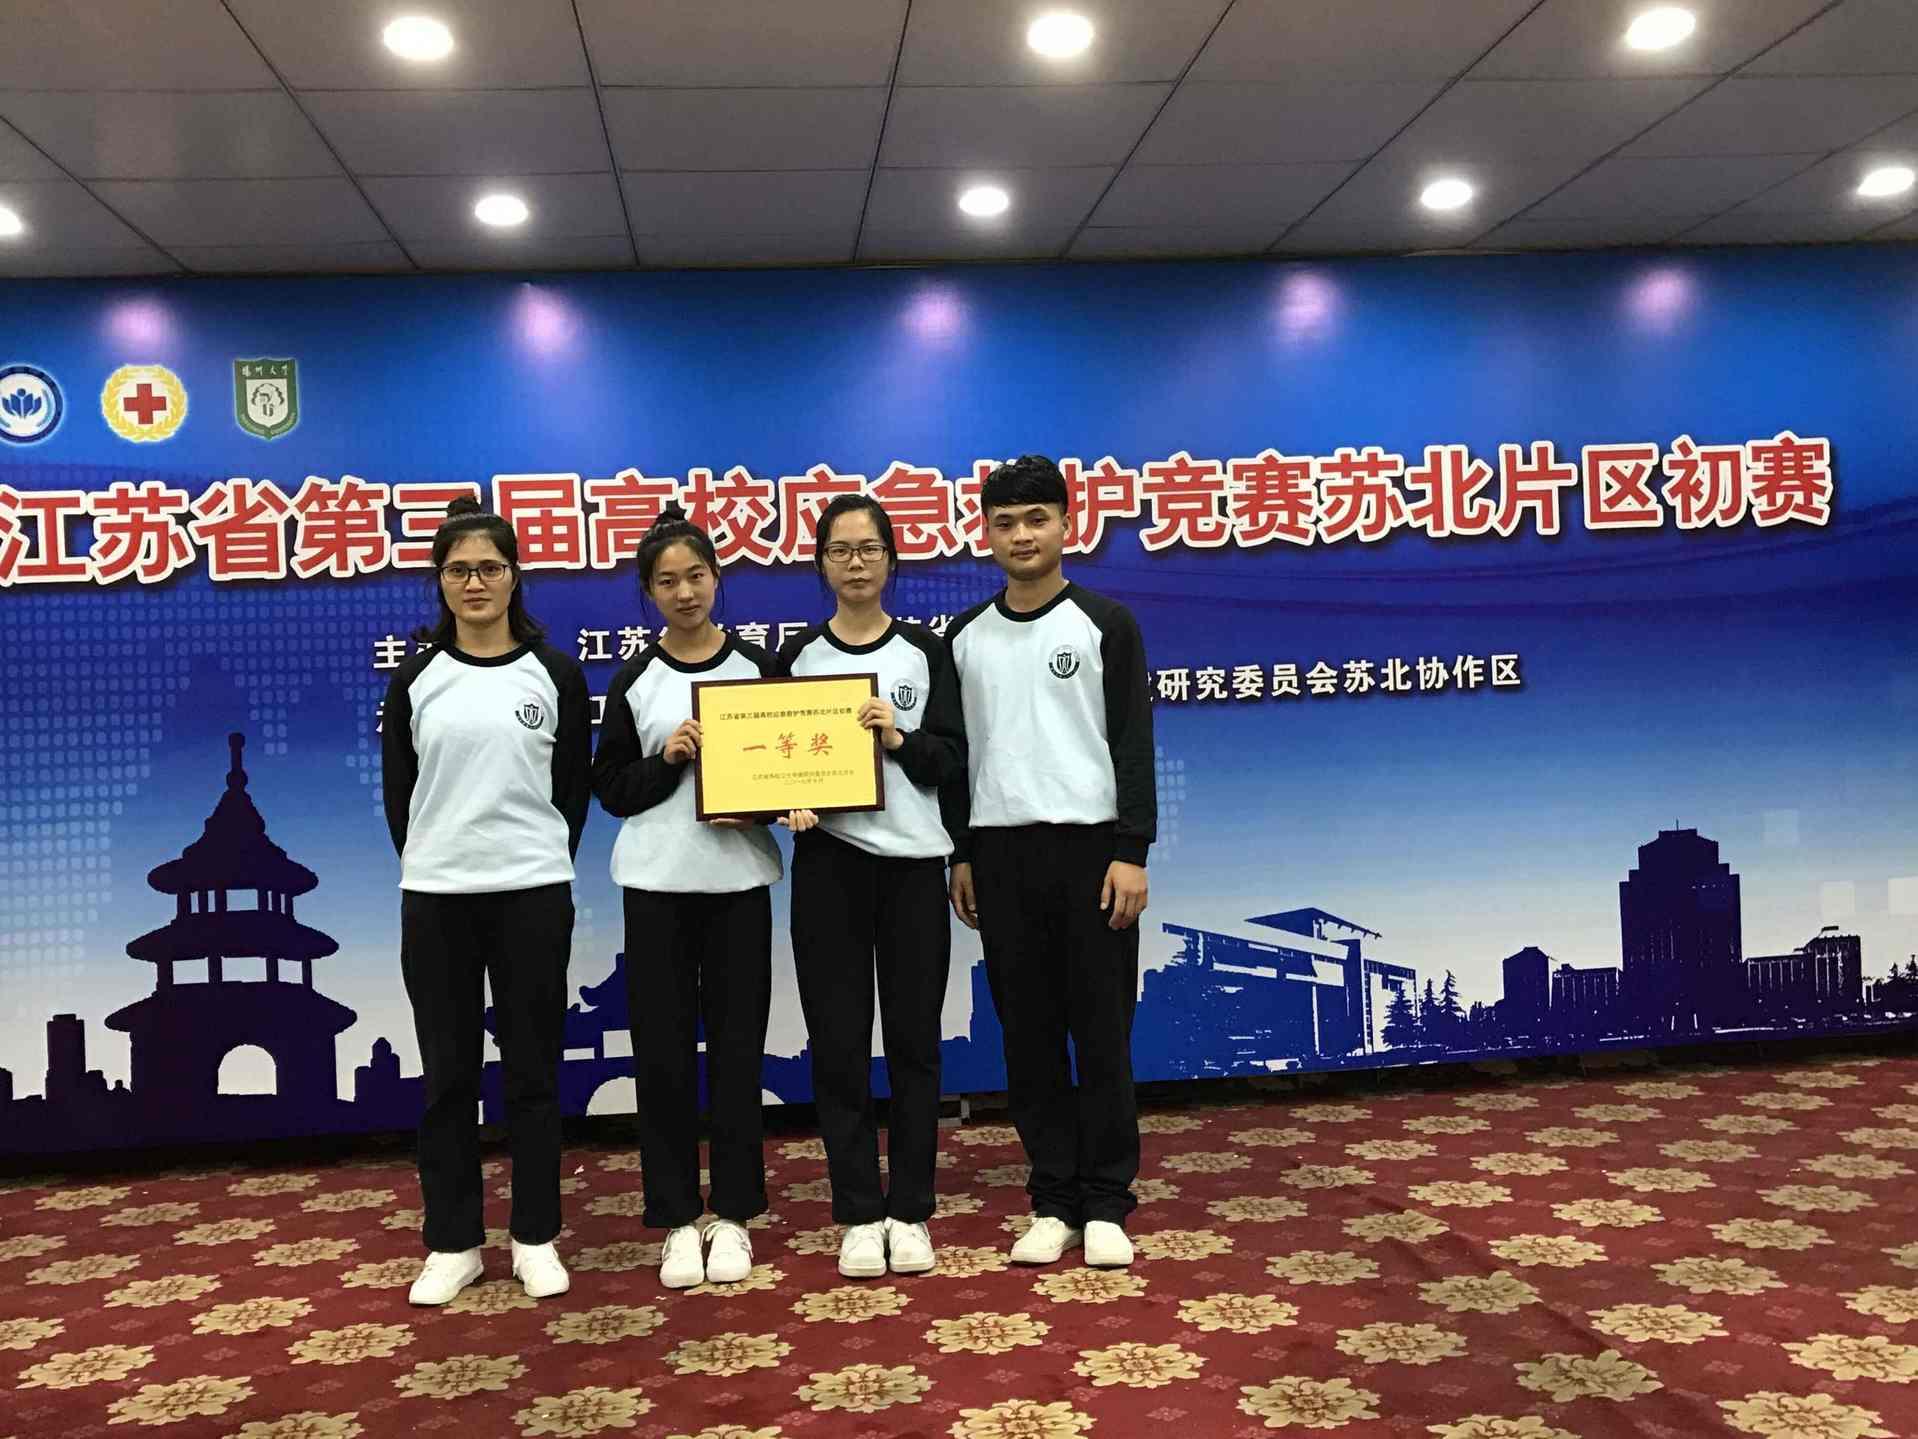 我院学生在江苏省第三届高校应急救护竞赛苏北片区初赛中获奖